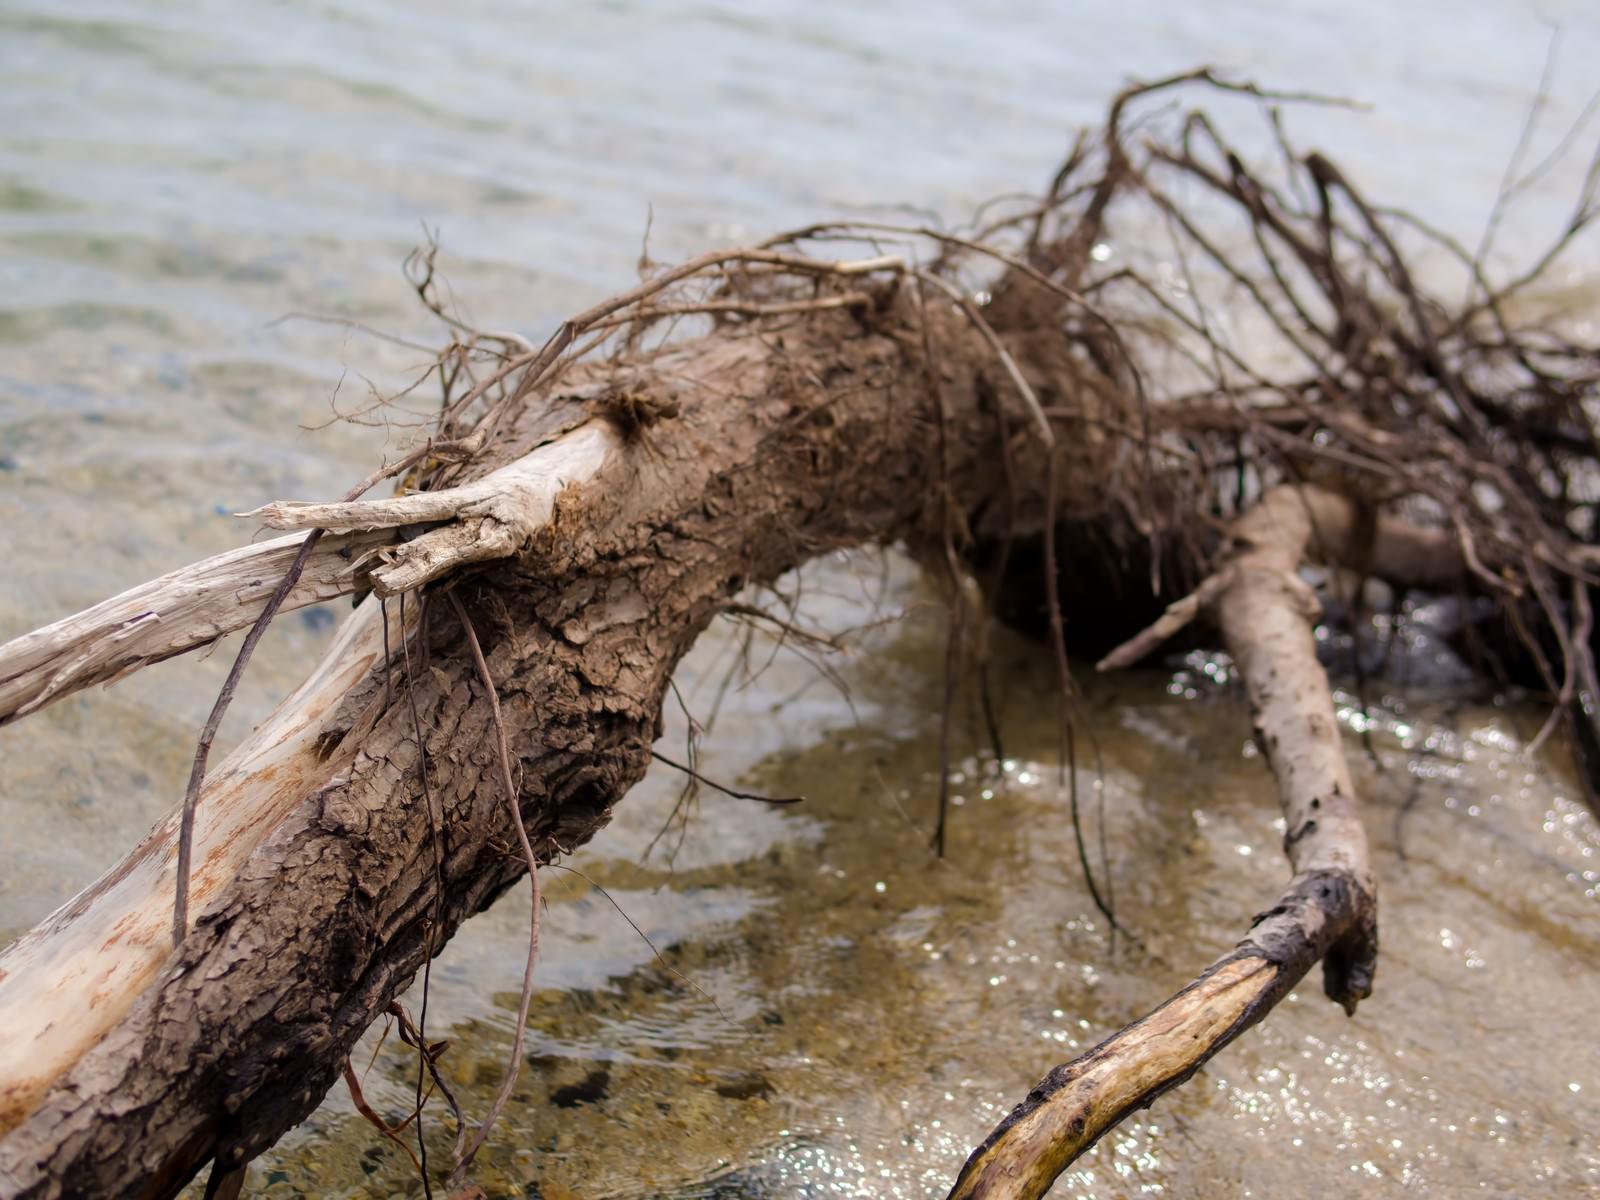 「琵琶湖の岸に流れ着いた折れた木」の写真